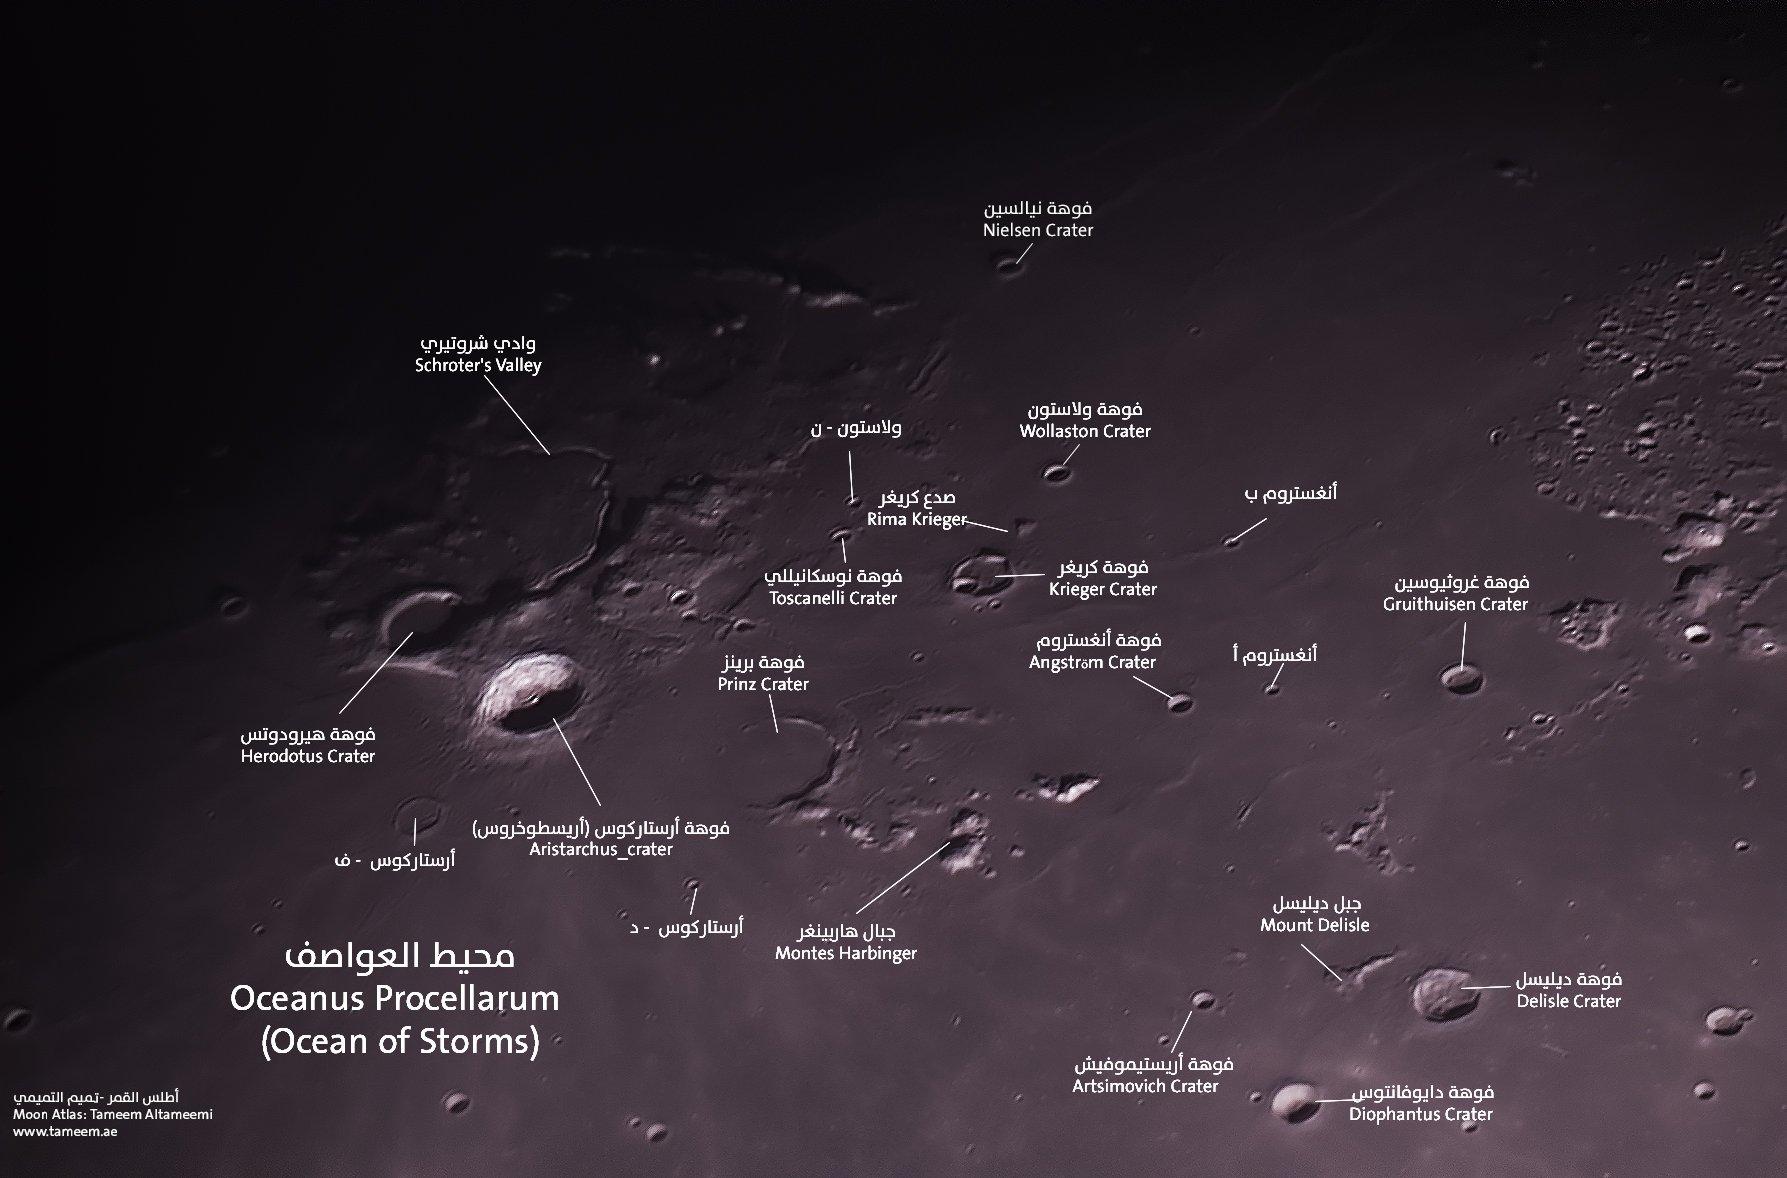 محيط العواصف – Oceanus Procellarum